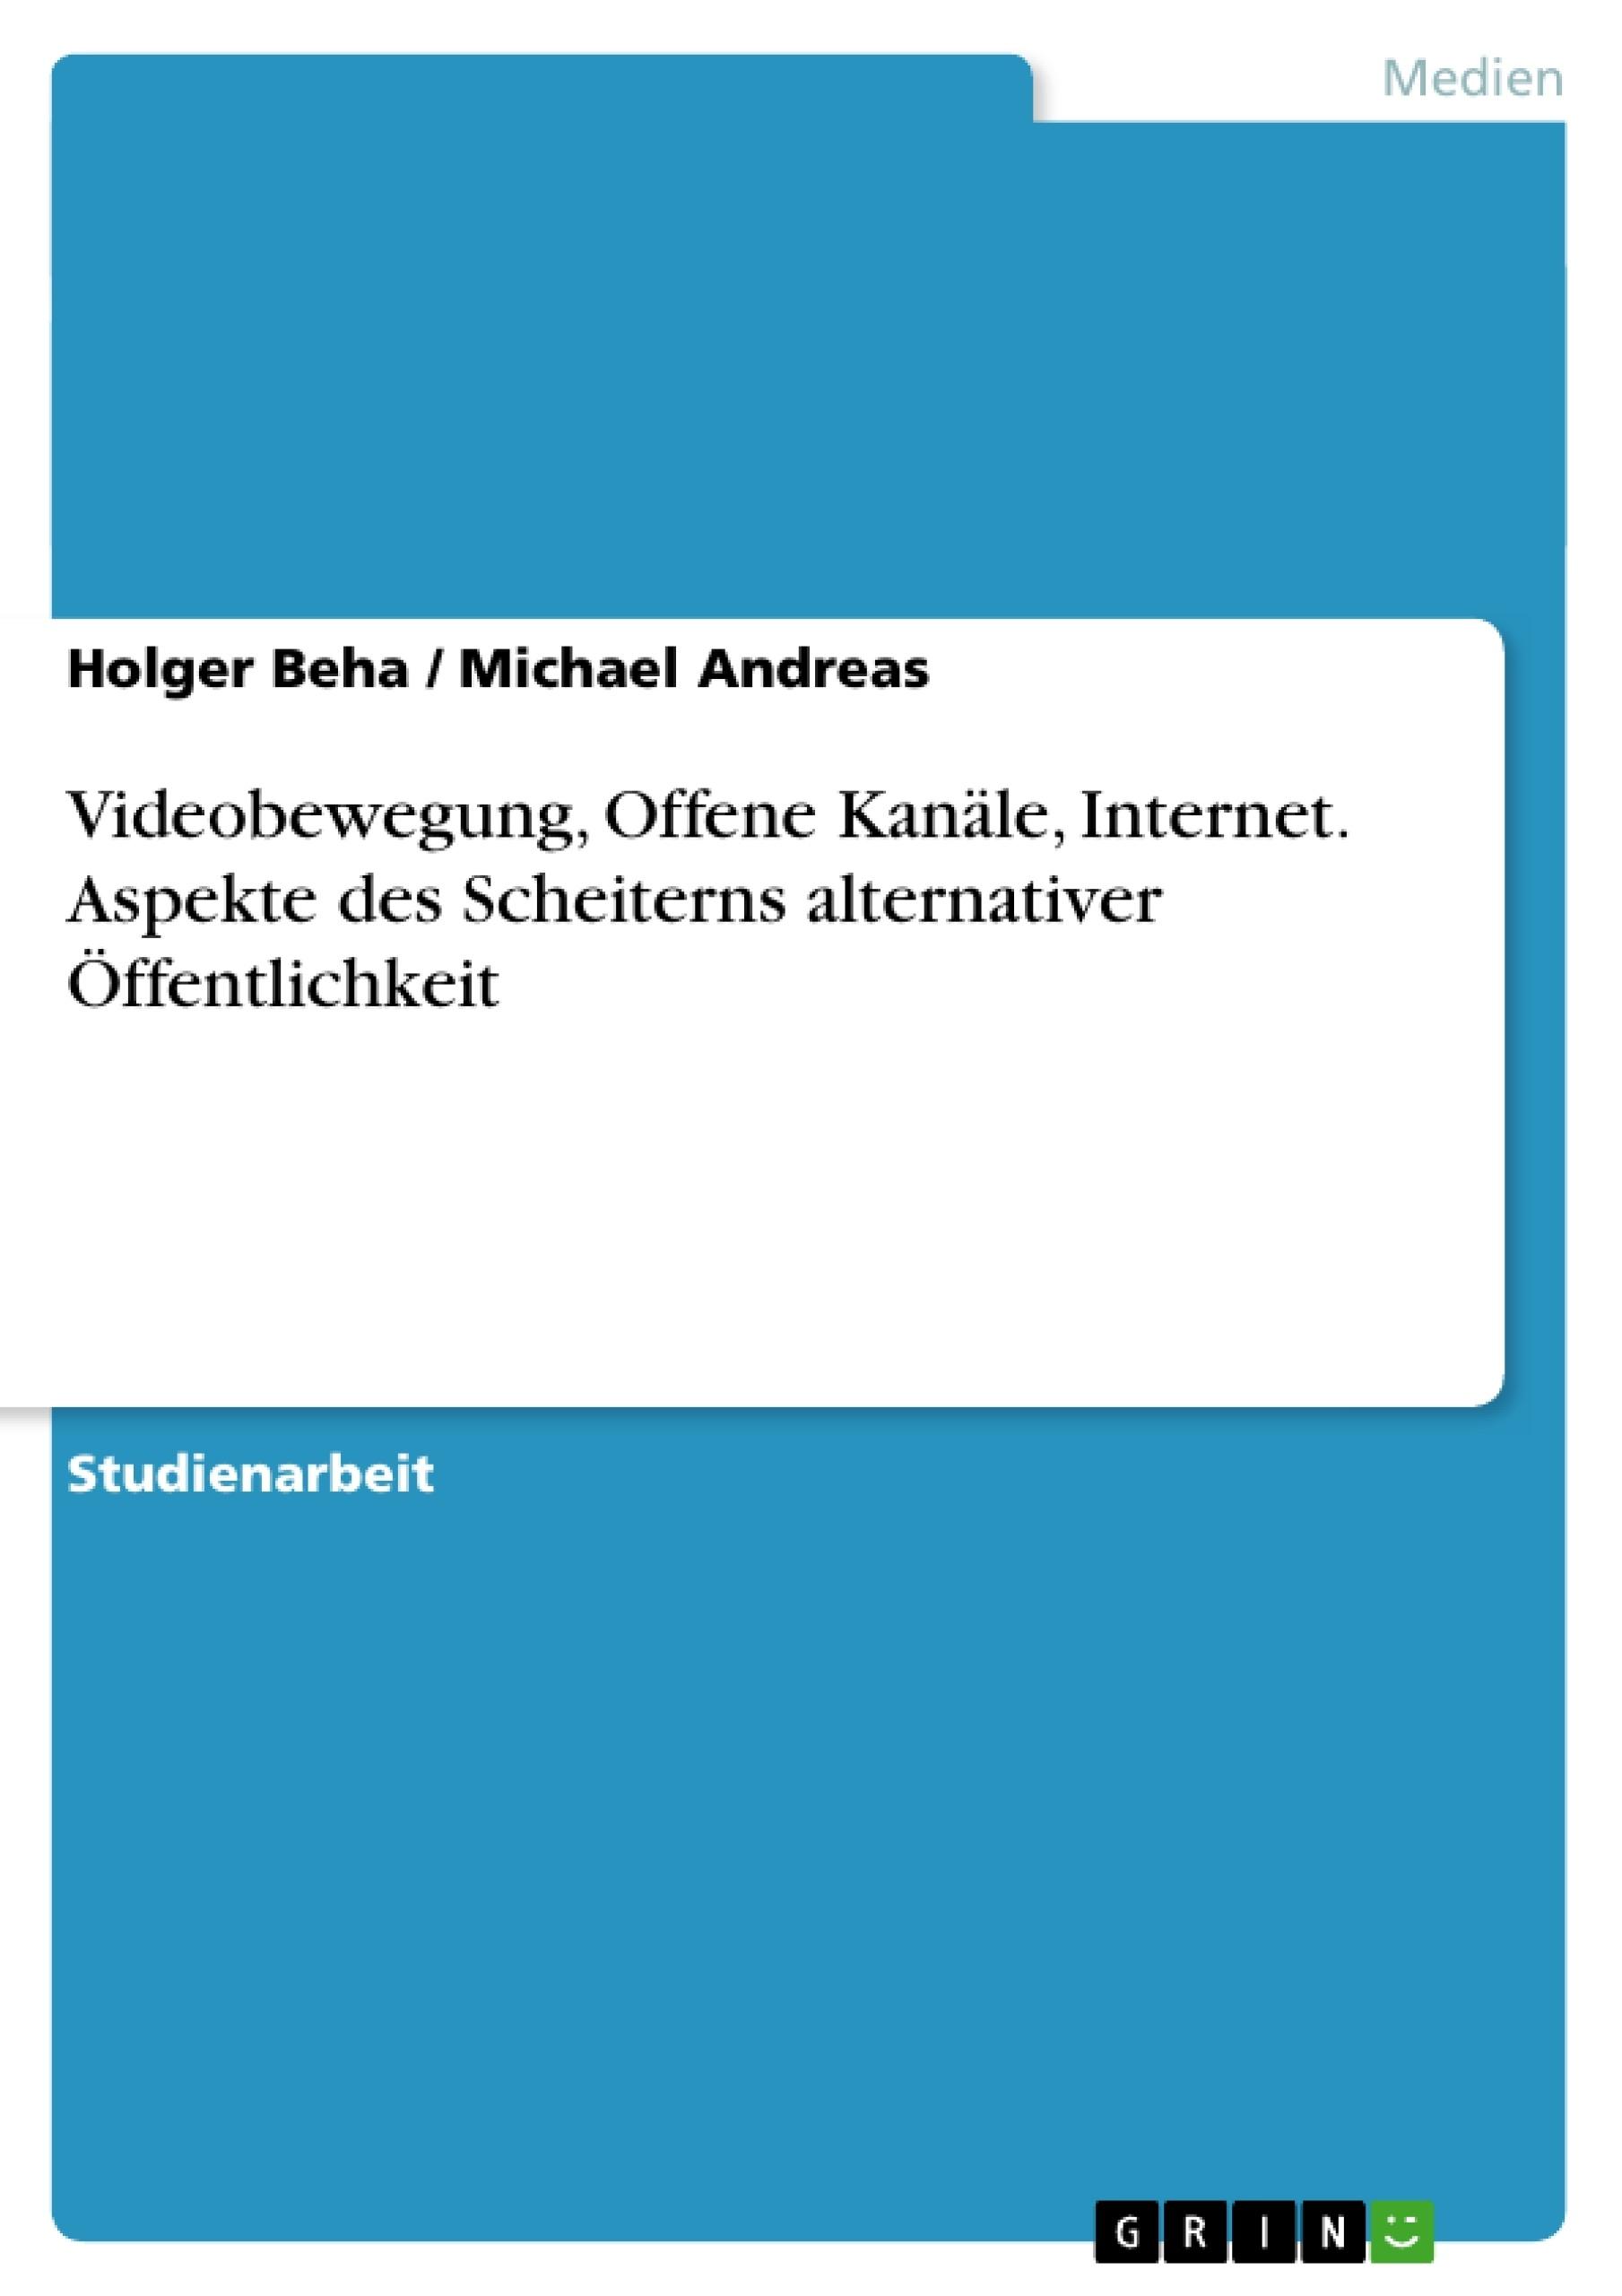 Titel: Videobewegung, Offene Kanäle, Internet. Aspekte des Scheiterns alternativer Öffentlichkeit